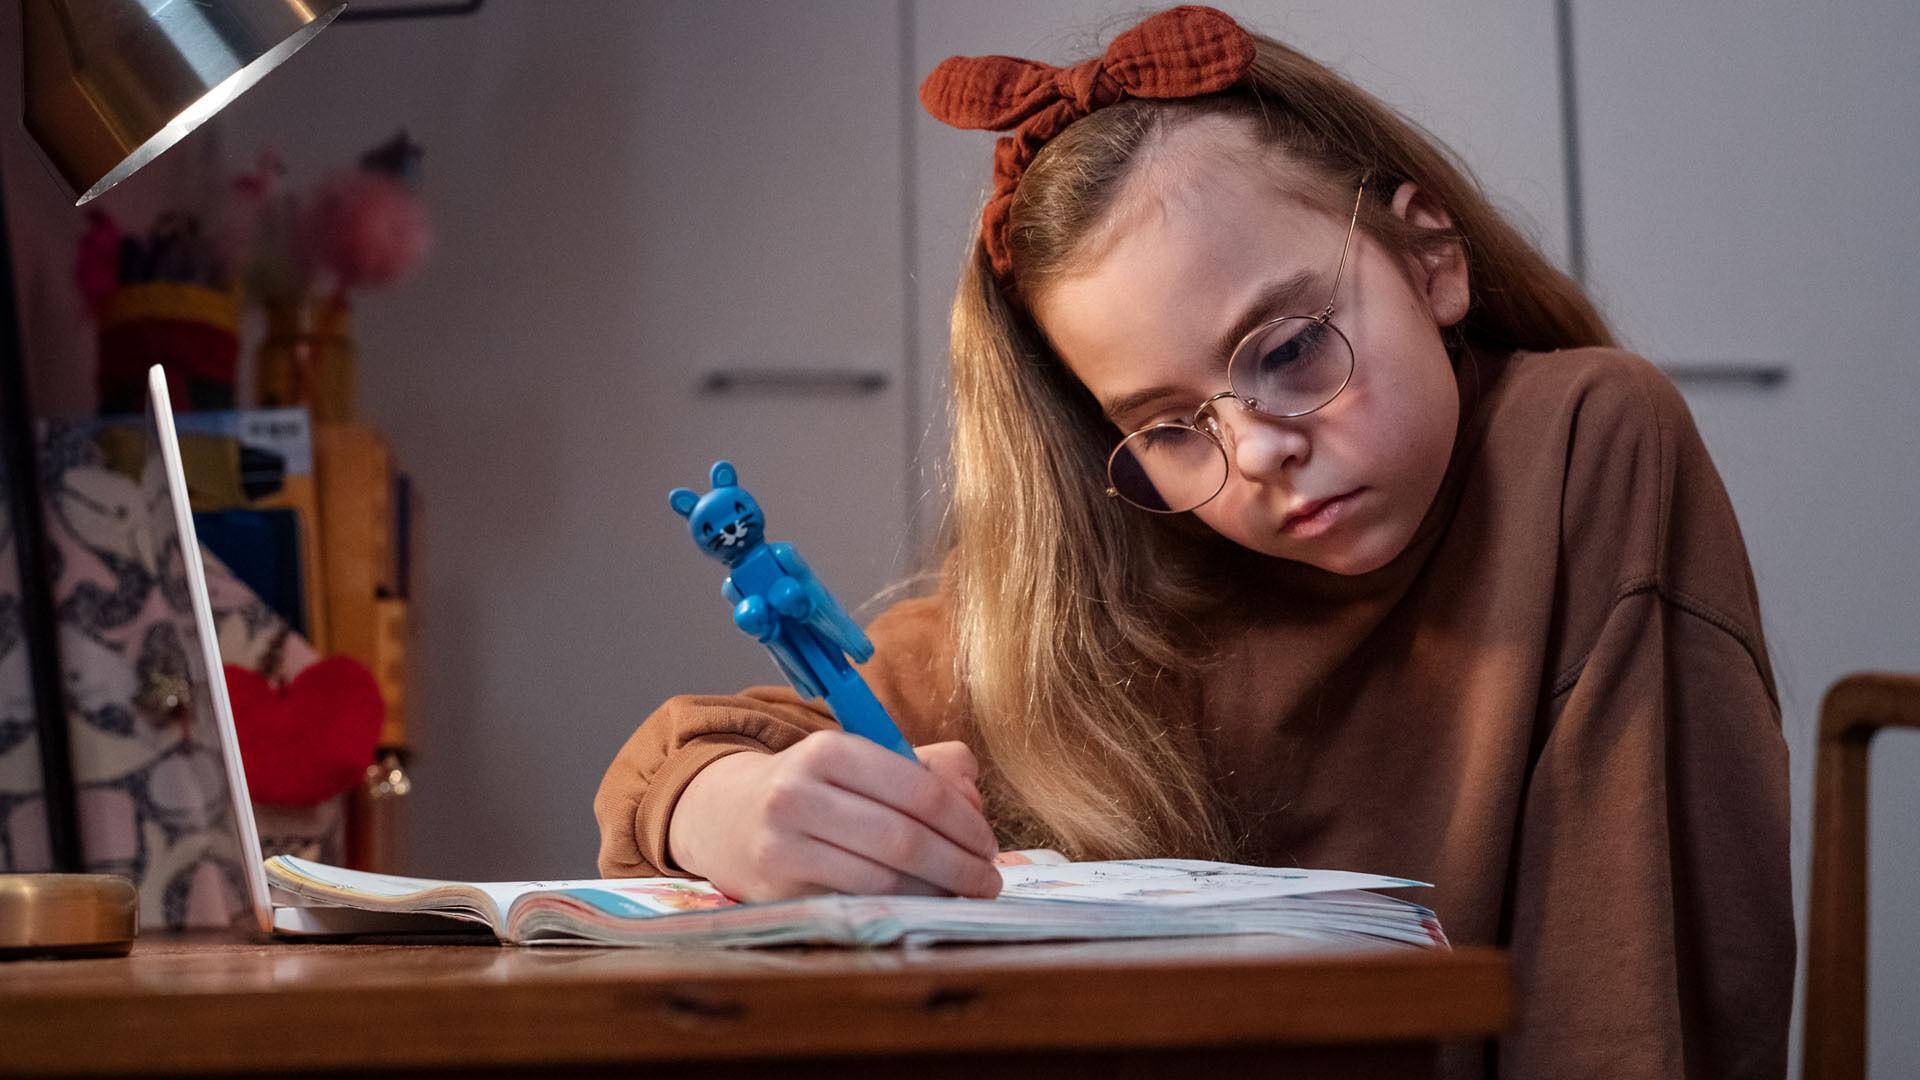 Silmälasit helpottavat lapsen koulunkäyntiä